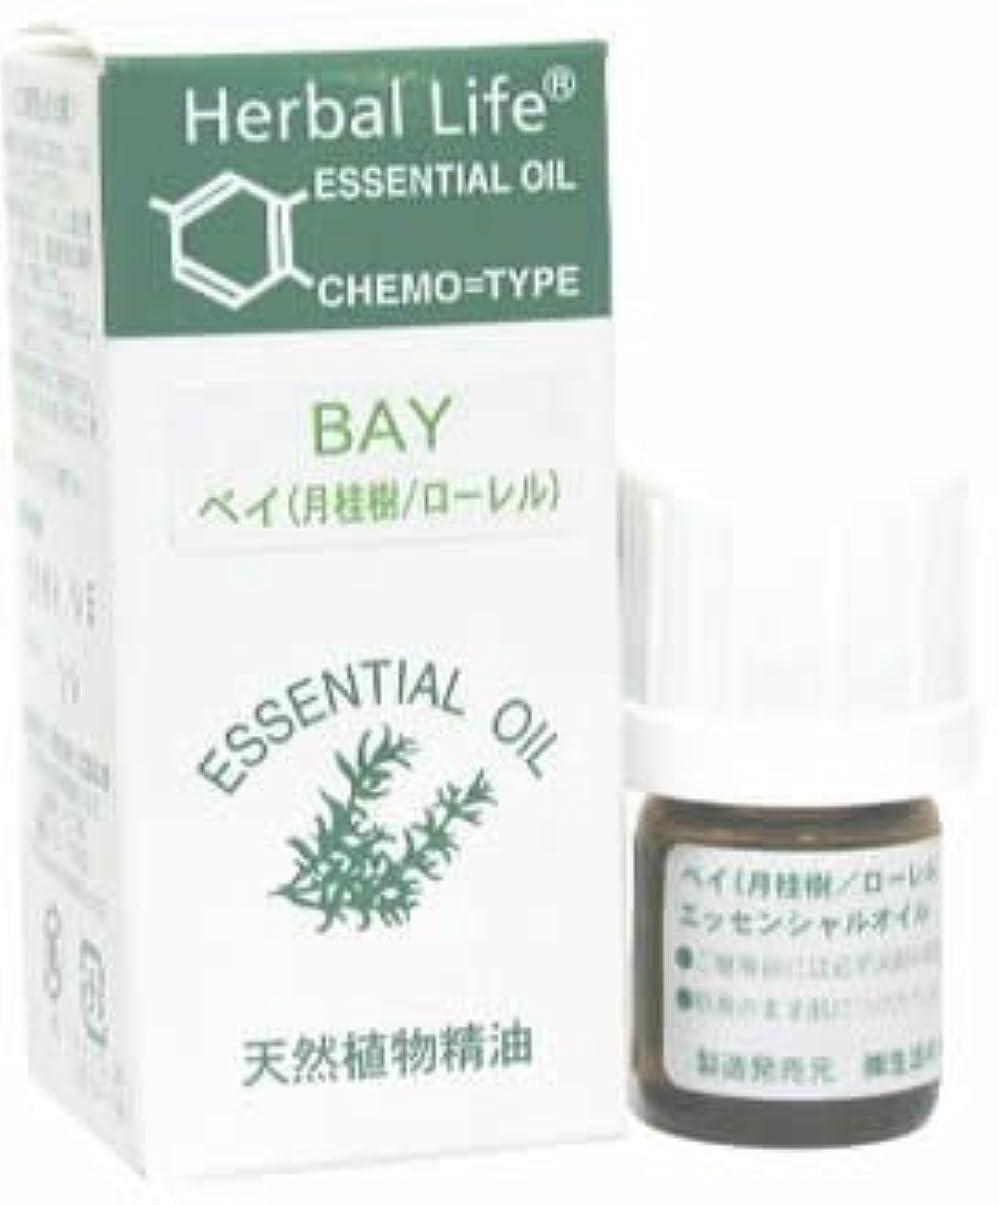 部屋を掃除する通り談話Herbal Life ベイ(ローレル 月桂樹) 3ml